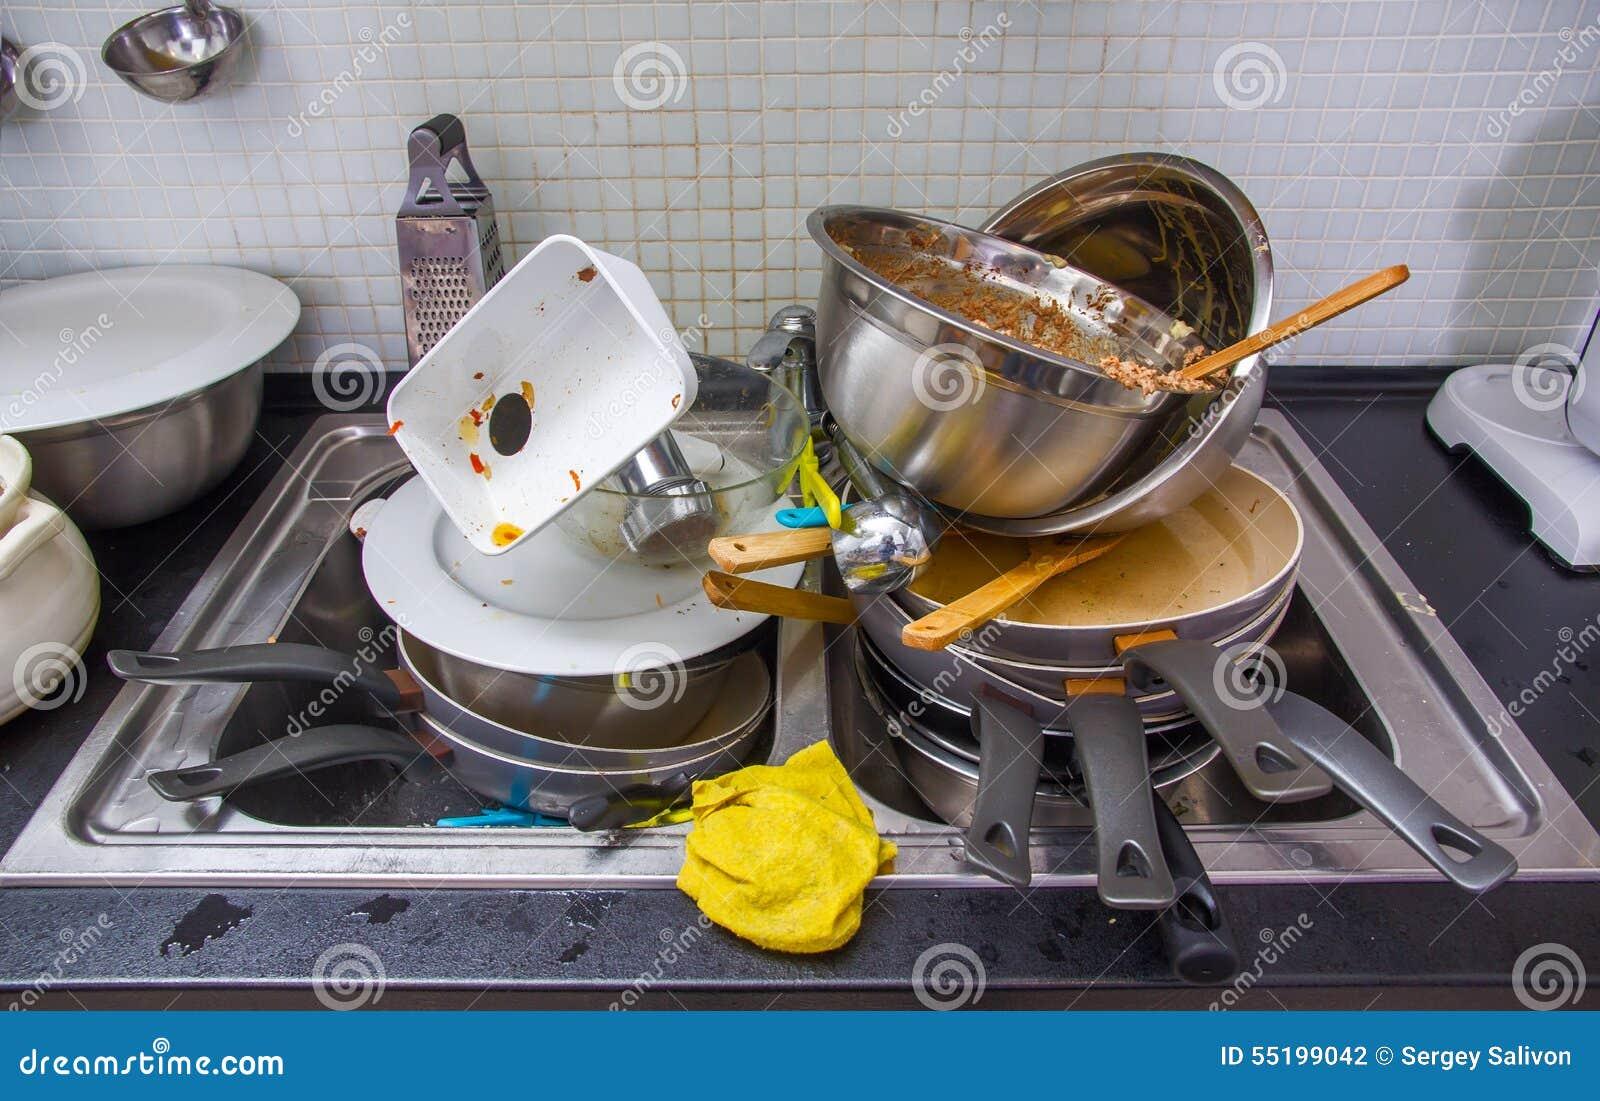 Ustensile sale sur la cuisine photo stock image 55199042 - Ustensile de cuisine en m en 6 lettres ...